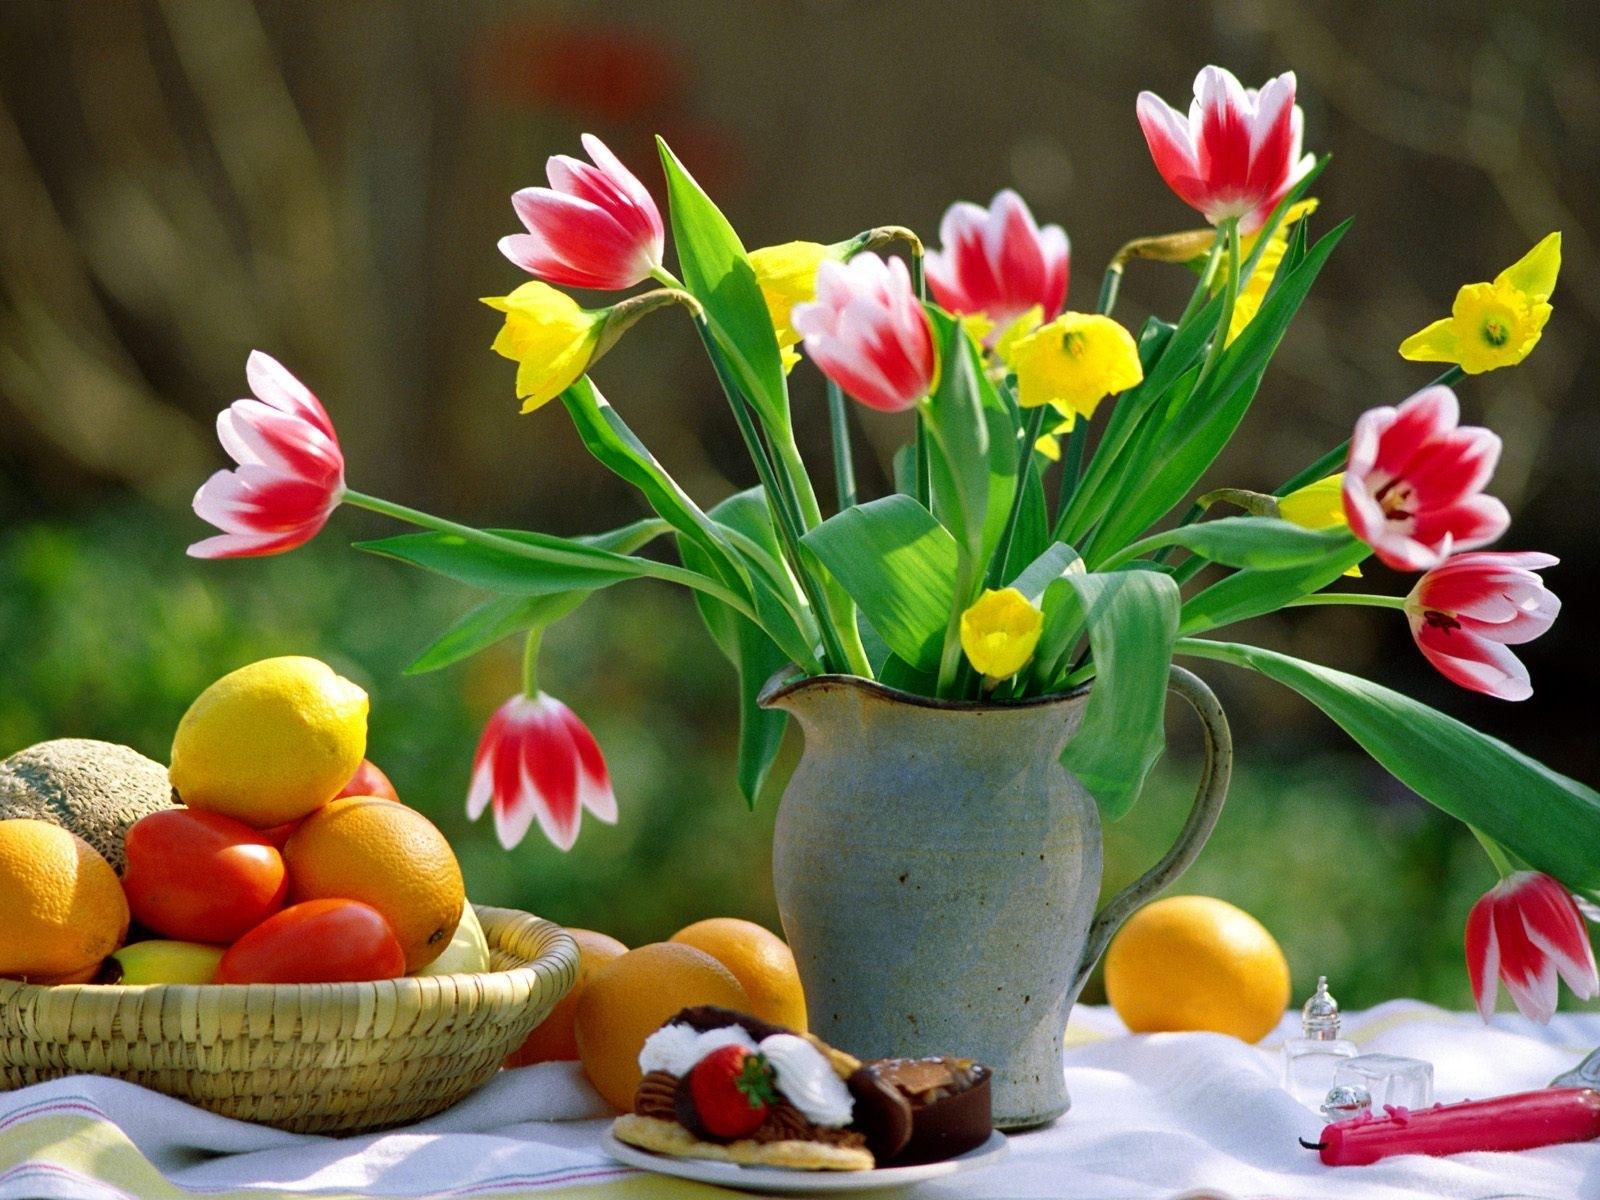 4371 скачать обои Растения, Цветы, Тюльпаны - заставки и картинки бесплатно